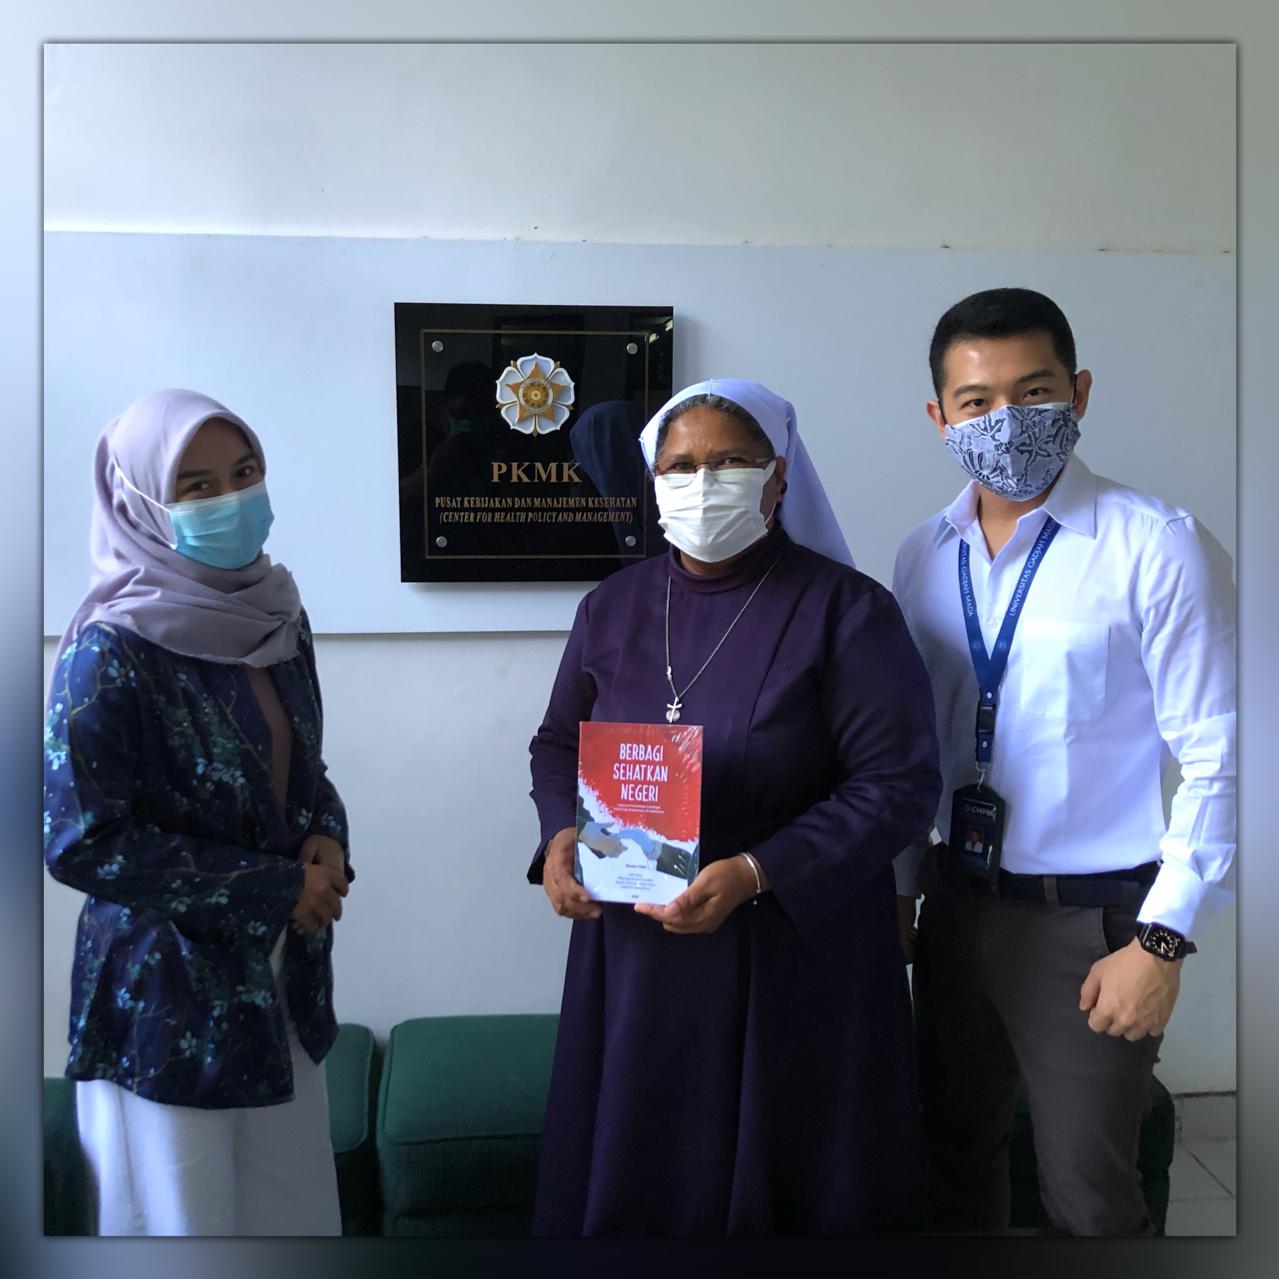 Potensi Filantropi Kesehatan dalam Karya Misi Kesehatan: Kunjungan Superior Jenderal Kongregasi MASF ke PKMK FK-KMK UGM